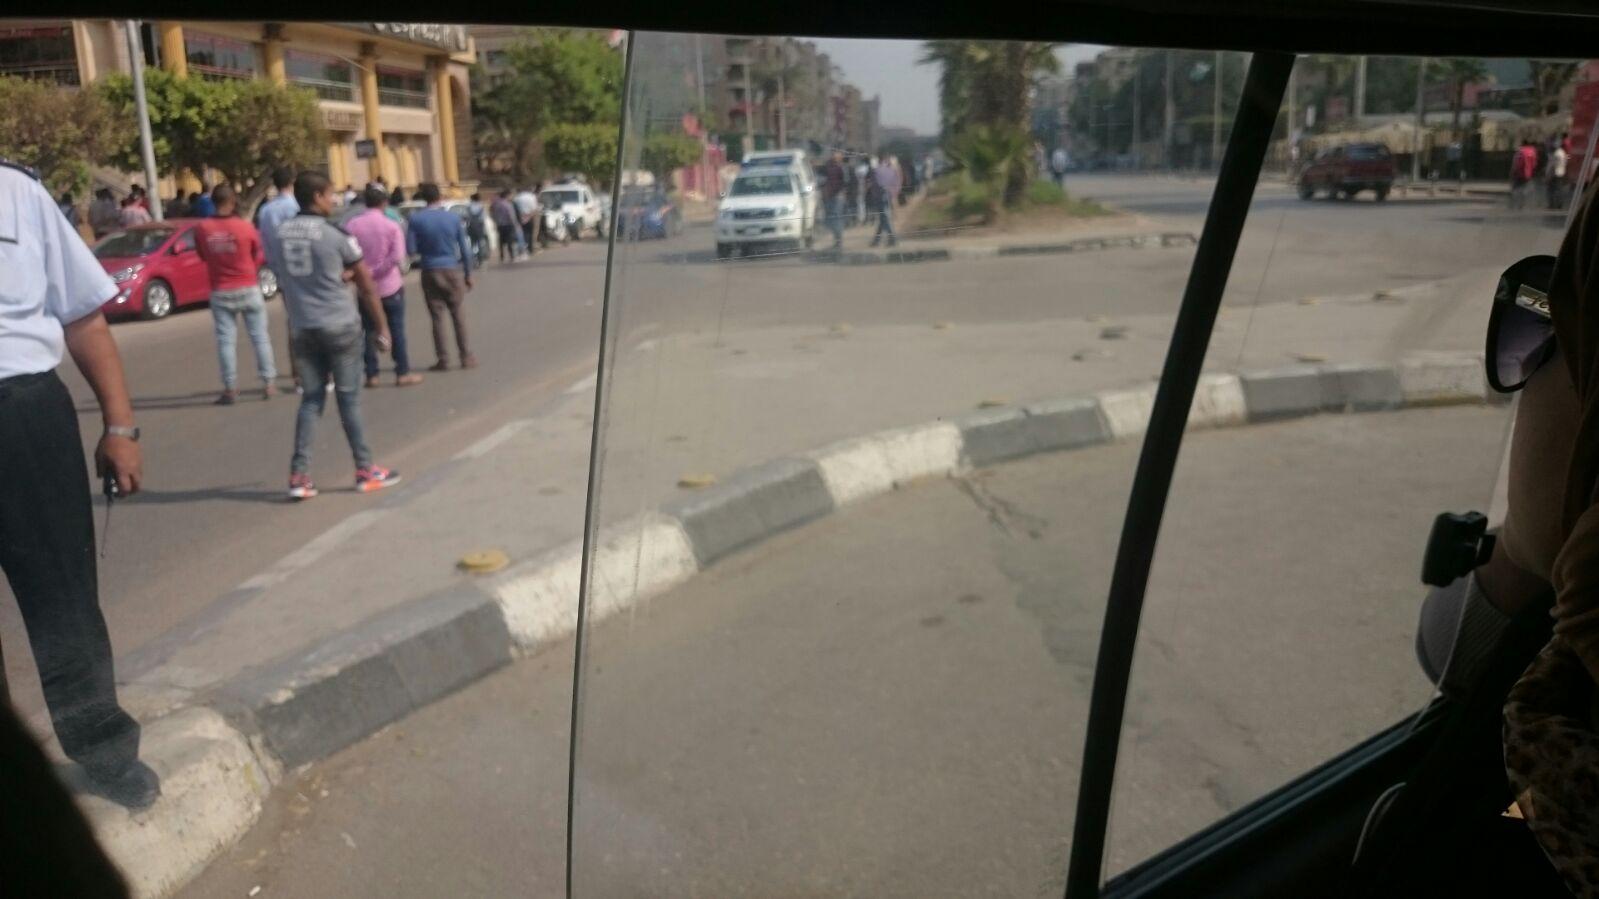 بالصورة.. اشتباه في وجود قنبلة بشارع الهرم.. وإغلاقه في الاتجاهين من ترعة المريوطية لنادي الضباط